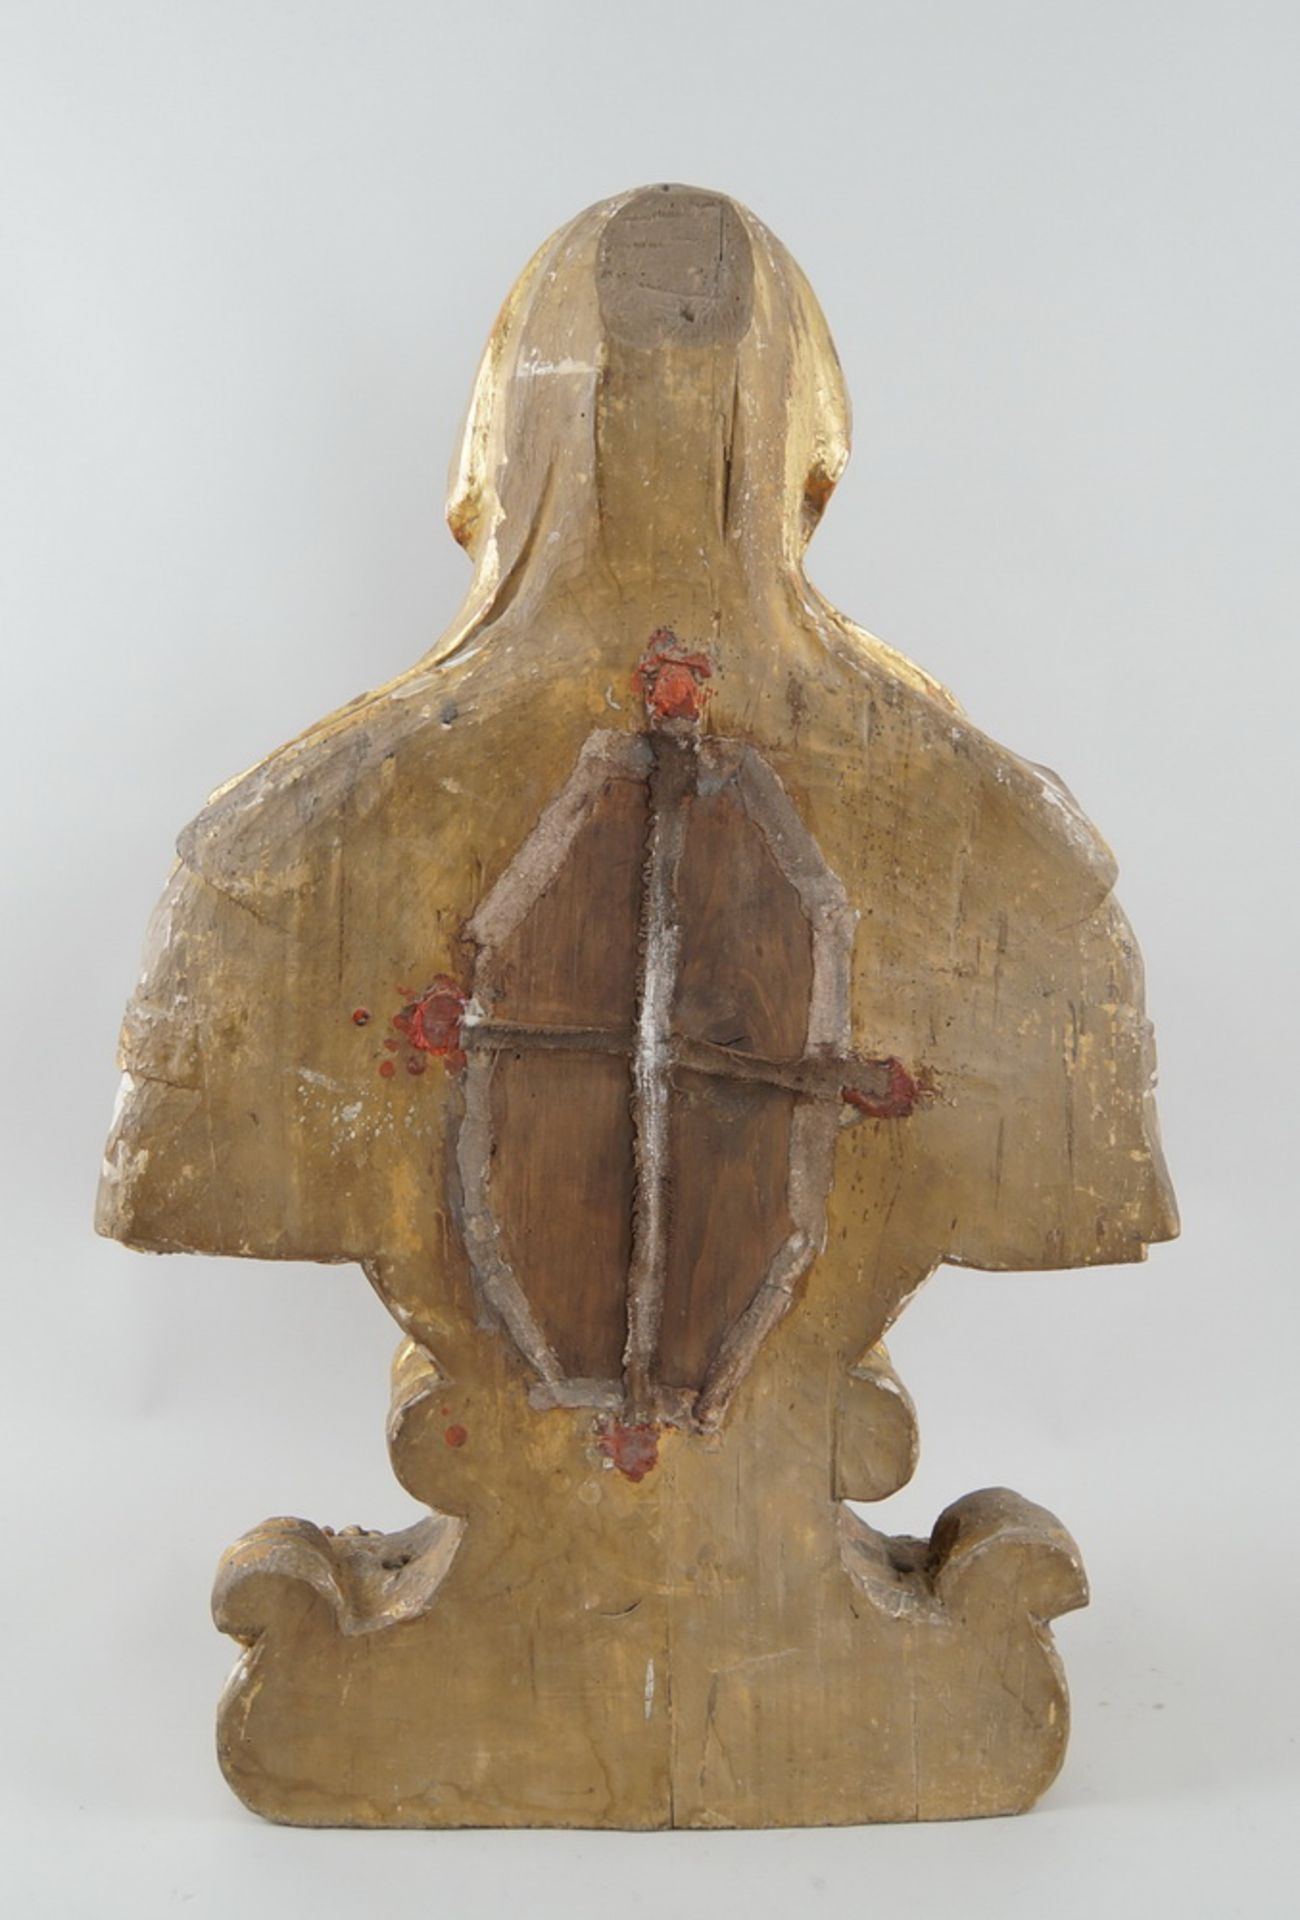 Prunkvolle Reliquienskulptur, Büste auf prächtigem Sockel, Holz geschnitzt, gefasst und - Bild 9 aus 9